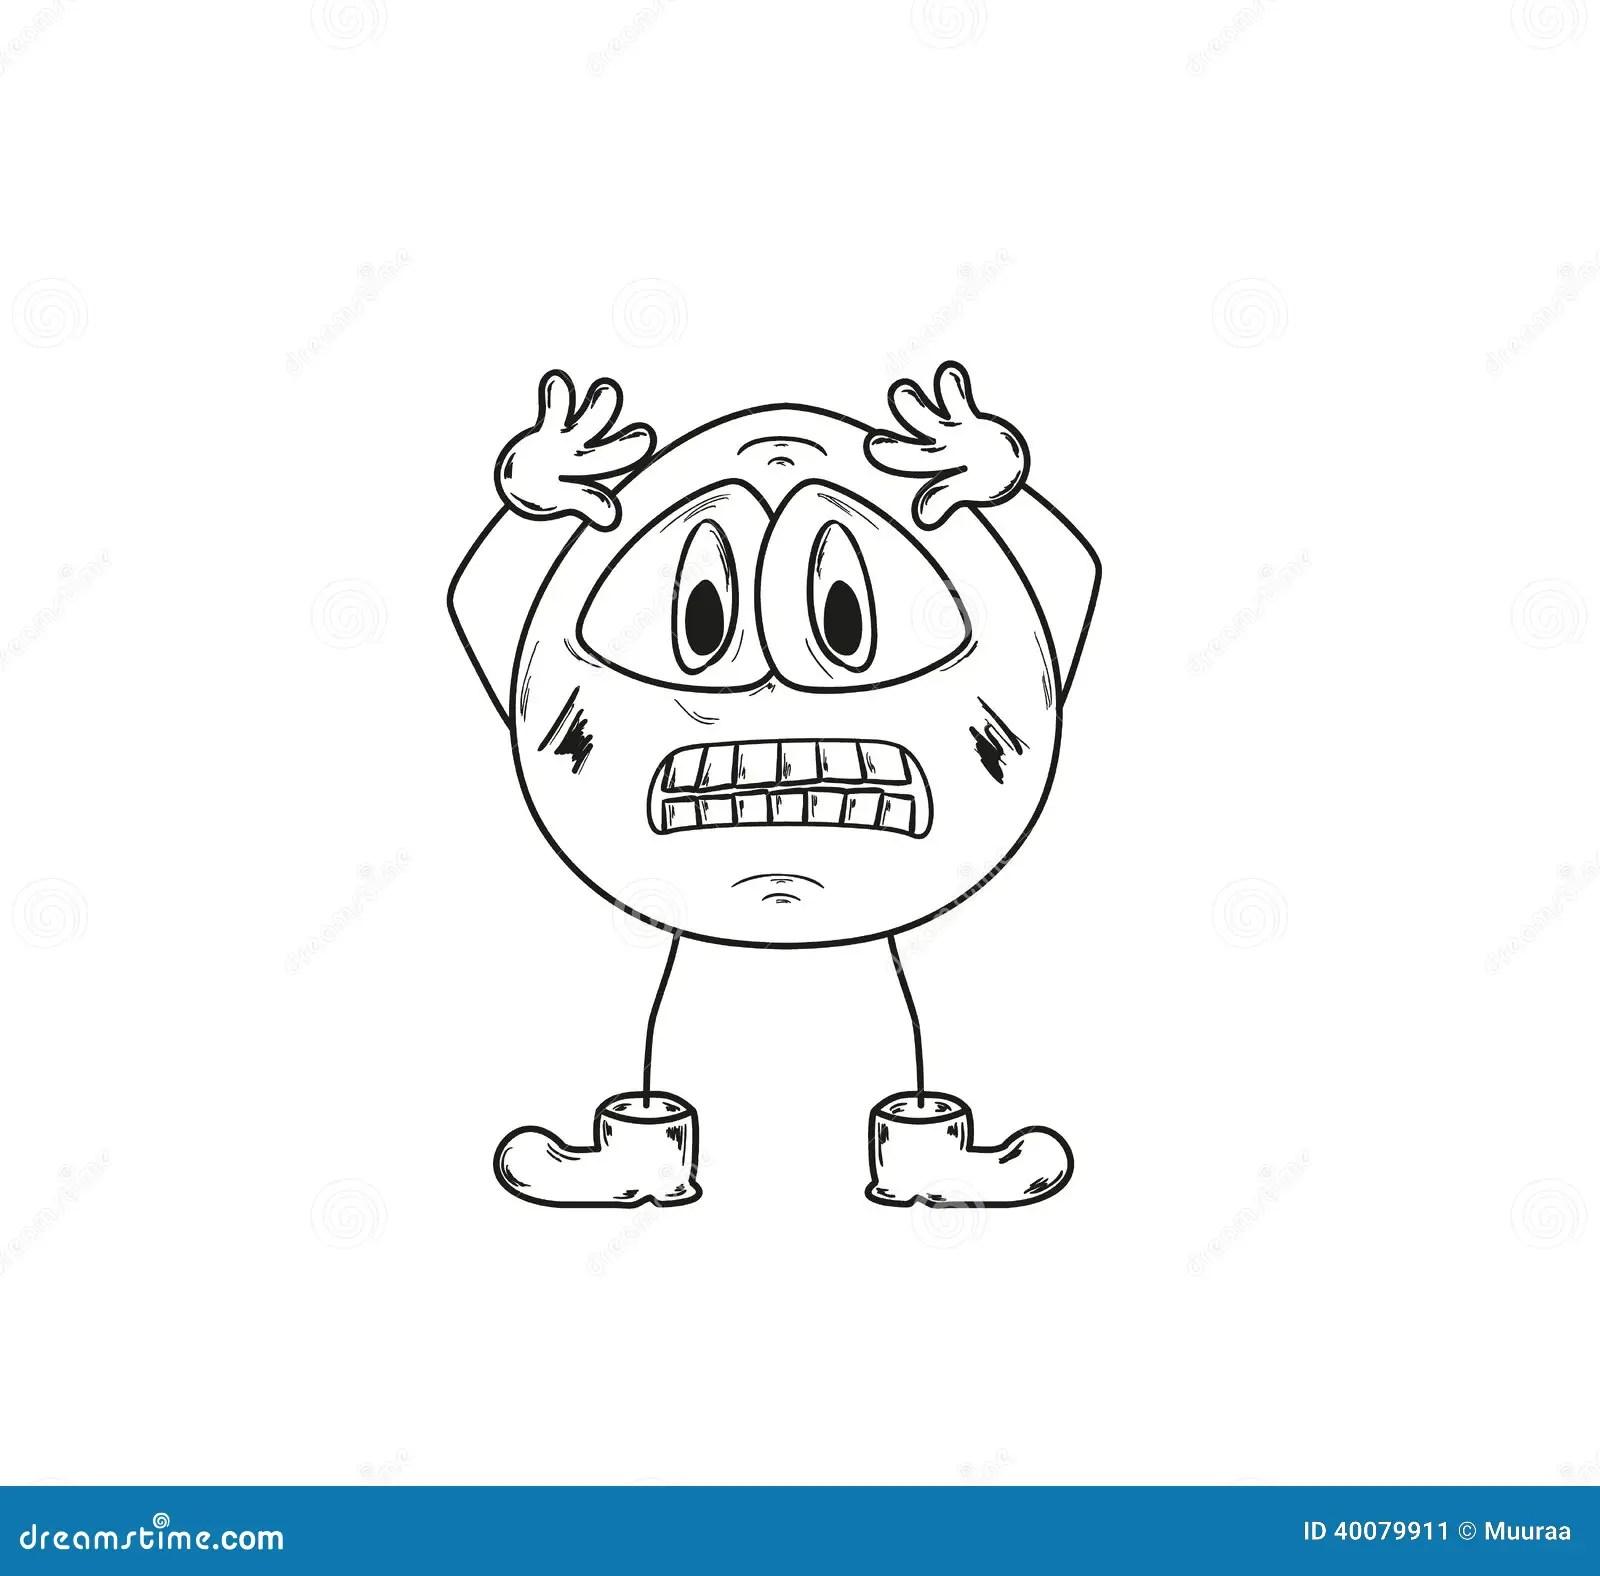 Panic Emoticon Cartoon Vector